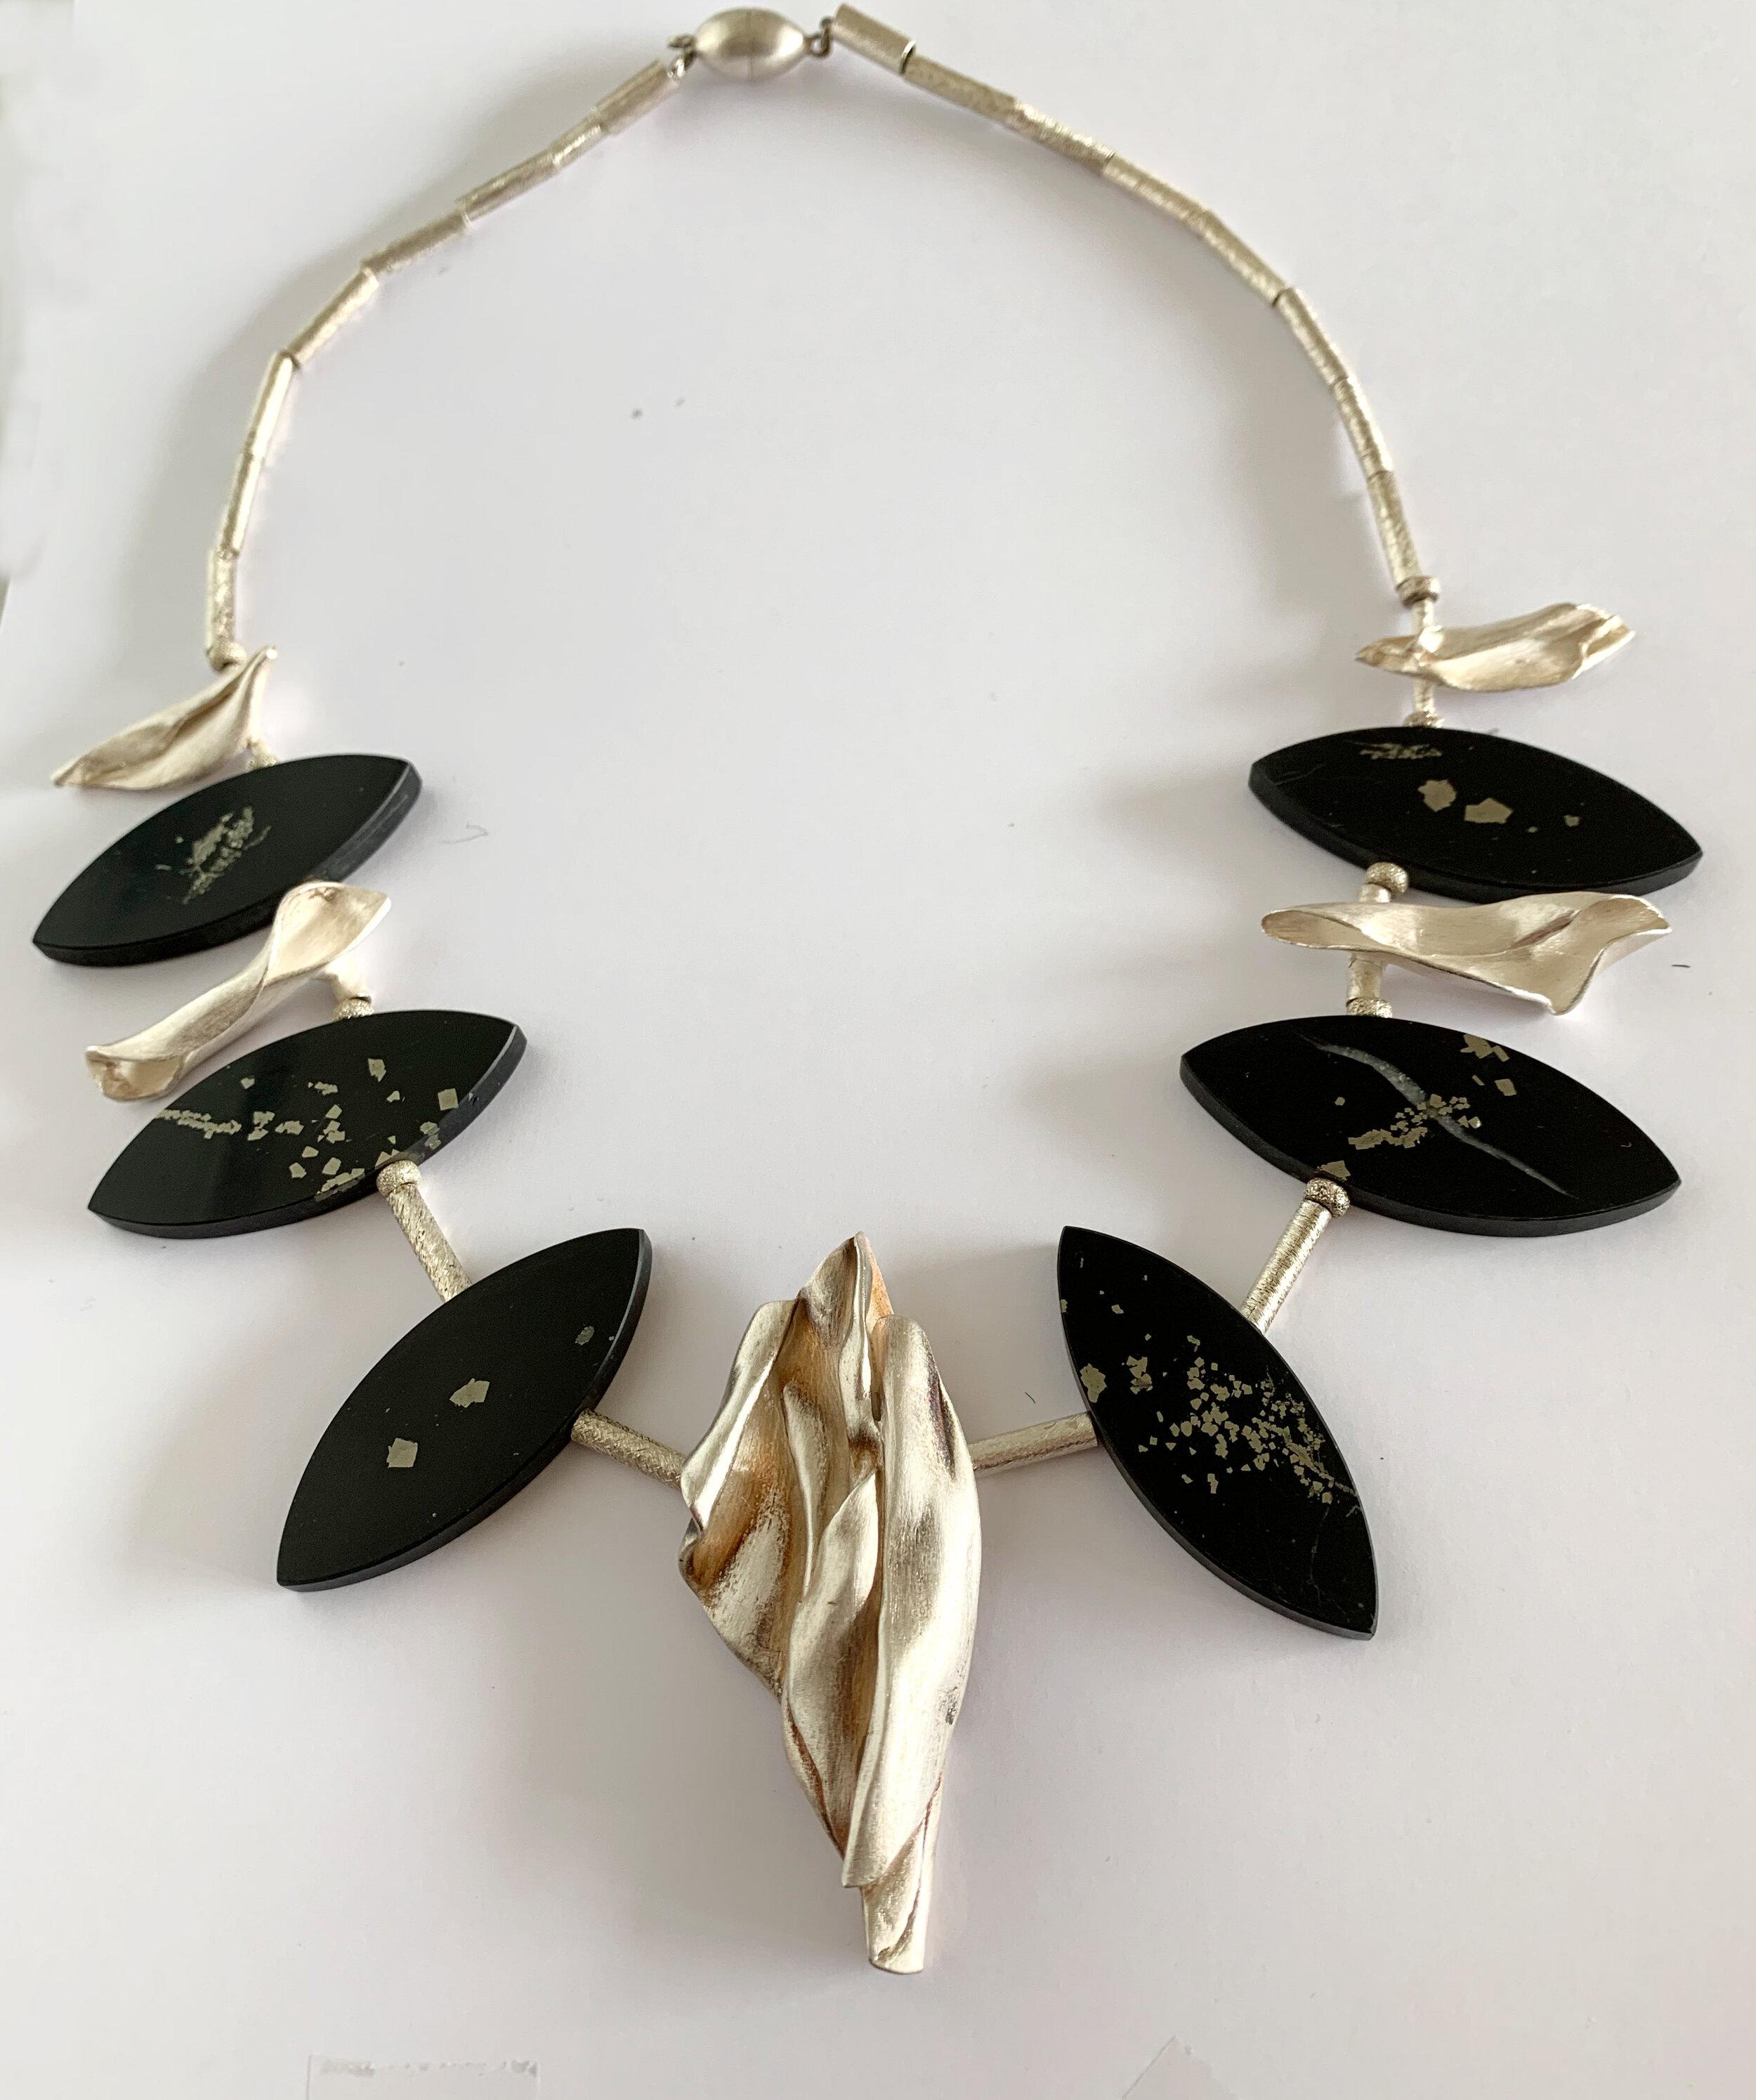 - Collier 3:Onyx mit Pyrit und fünf handgearbeitete Zwischenteile in Feinsilber. Die Navetten sind mit 925er Silberröhrchen verbunden.Hier anfragen.